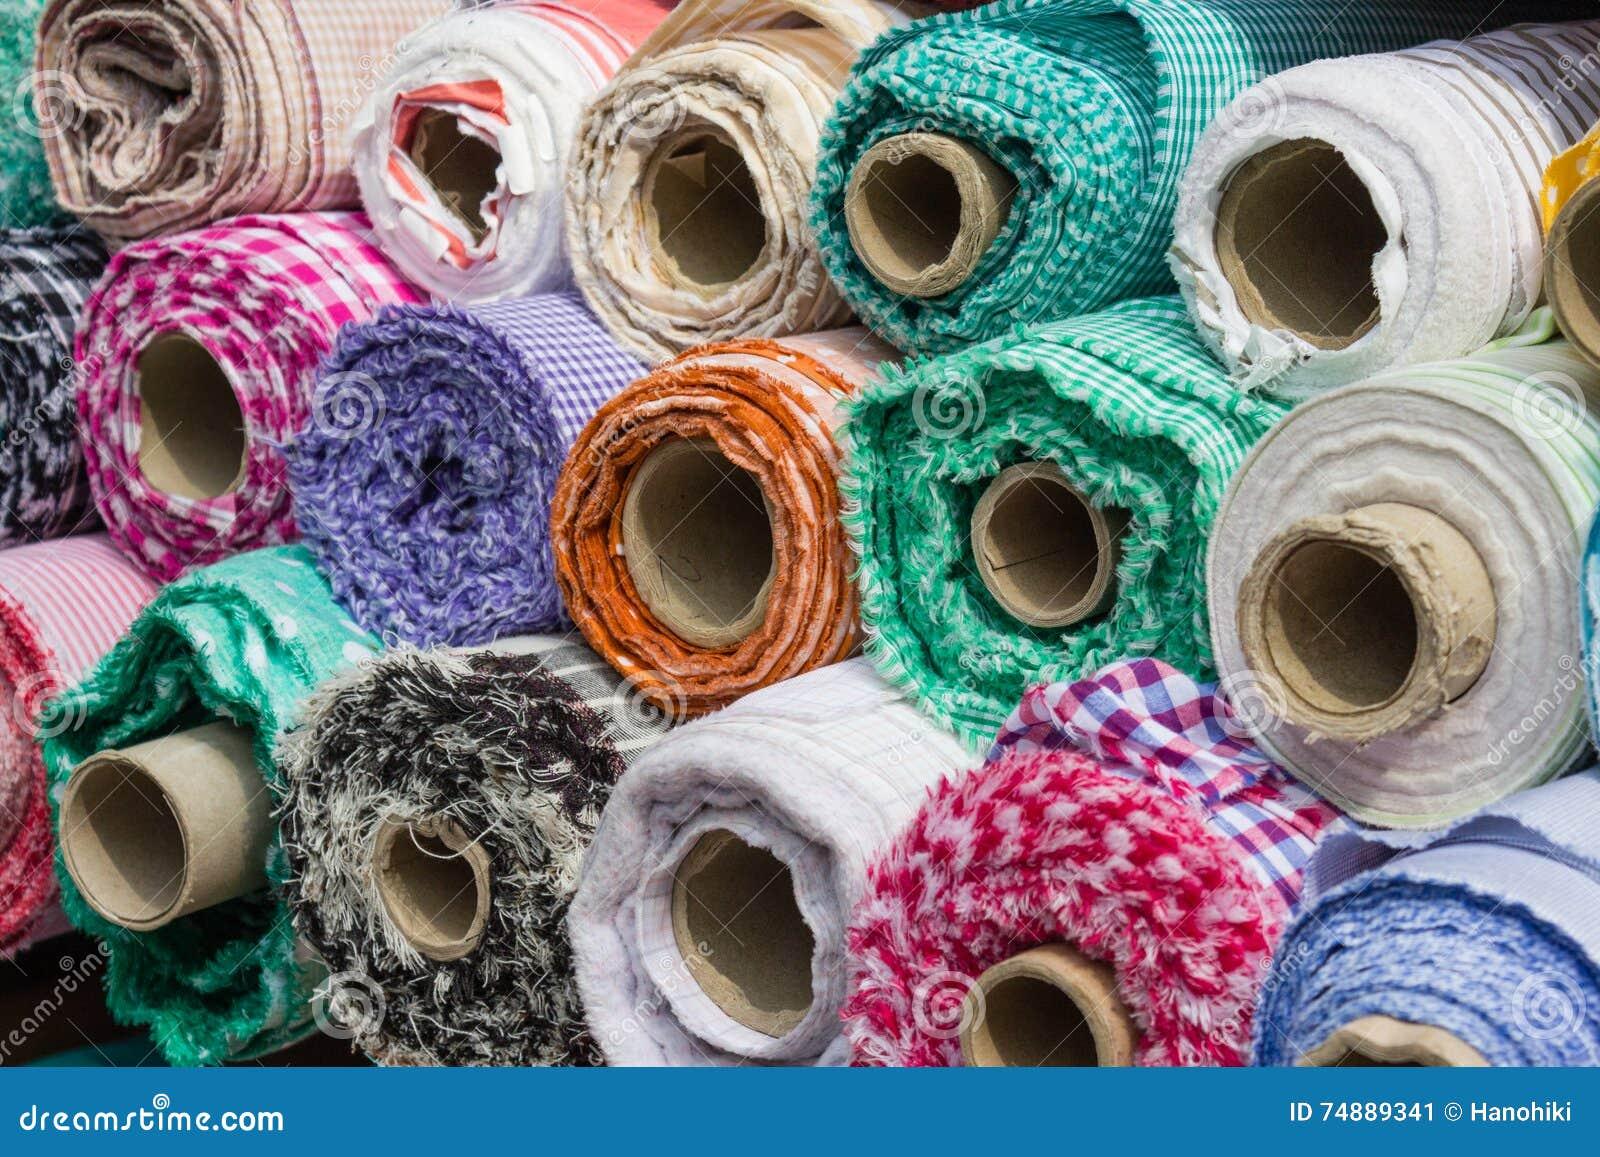 Ρόλοι υφάσματος στο στάβλο αγοράς, υπόβαθρο βιομηχανίας κλωστοϋφαντουργίας